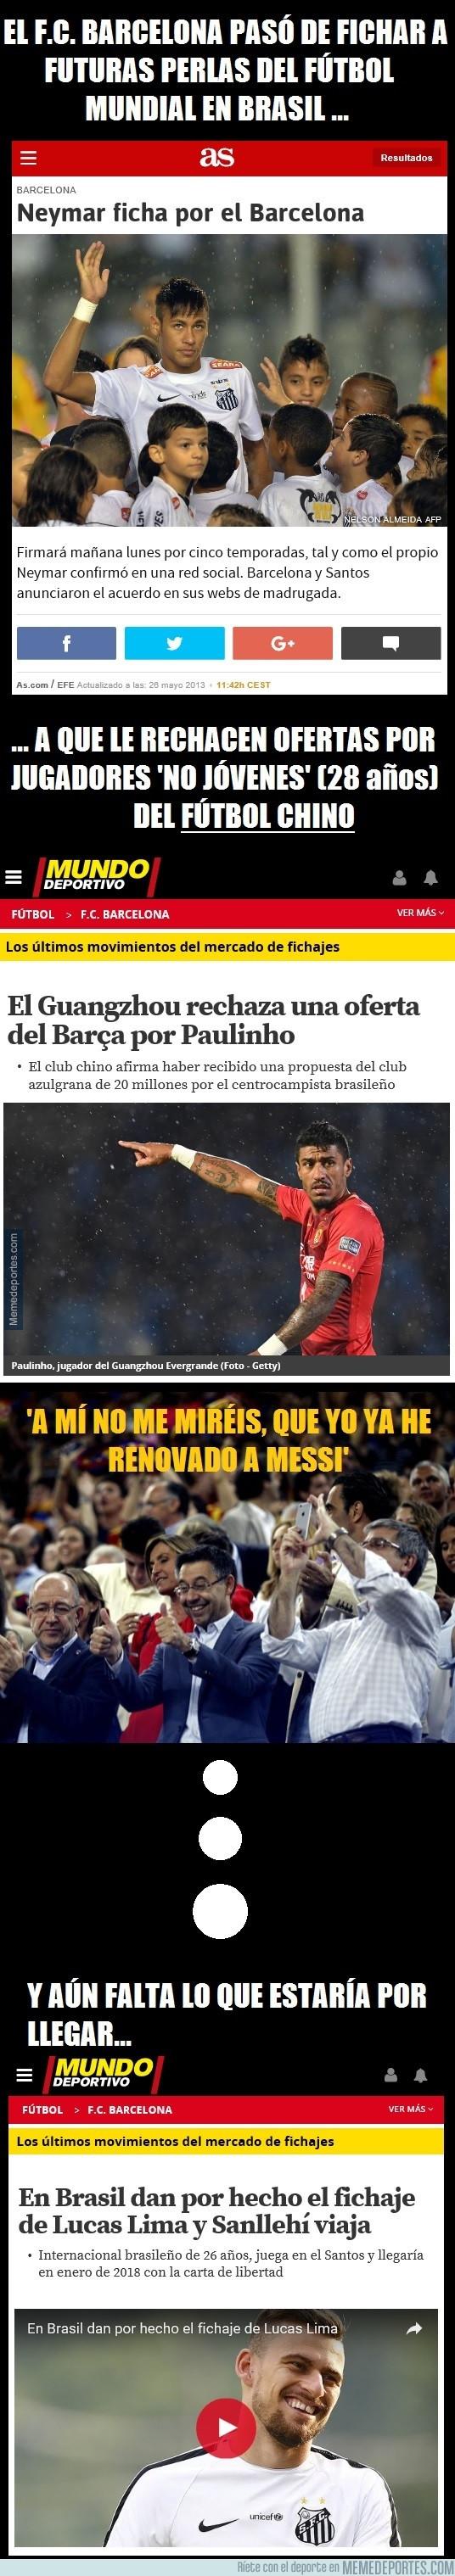 986309 - ¿Qué le le está pasando al Barça?